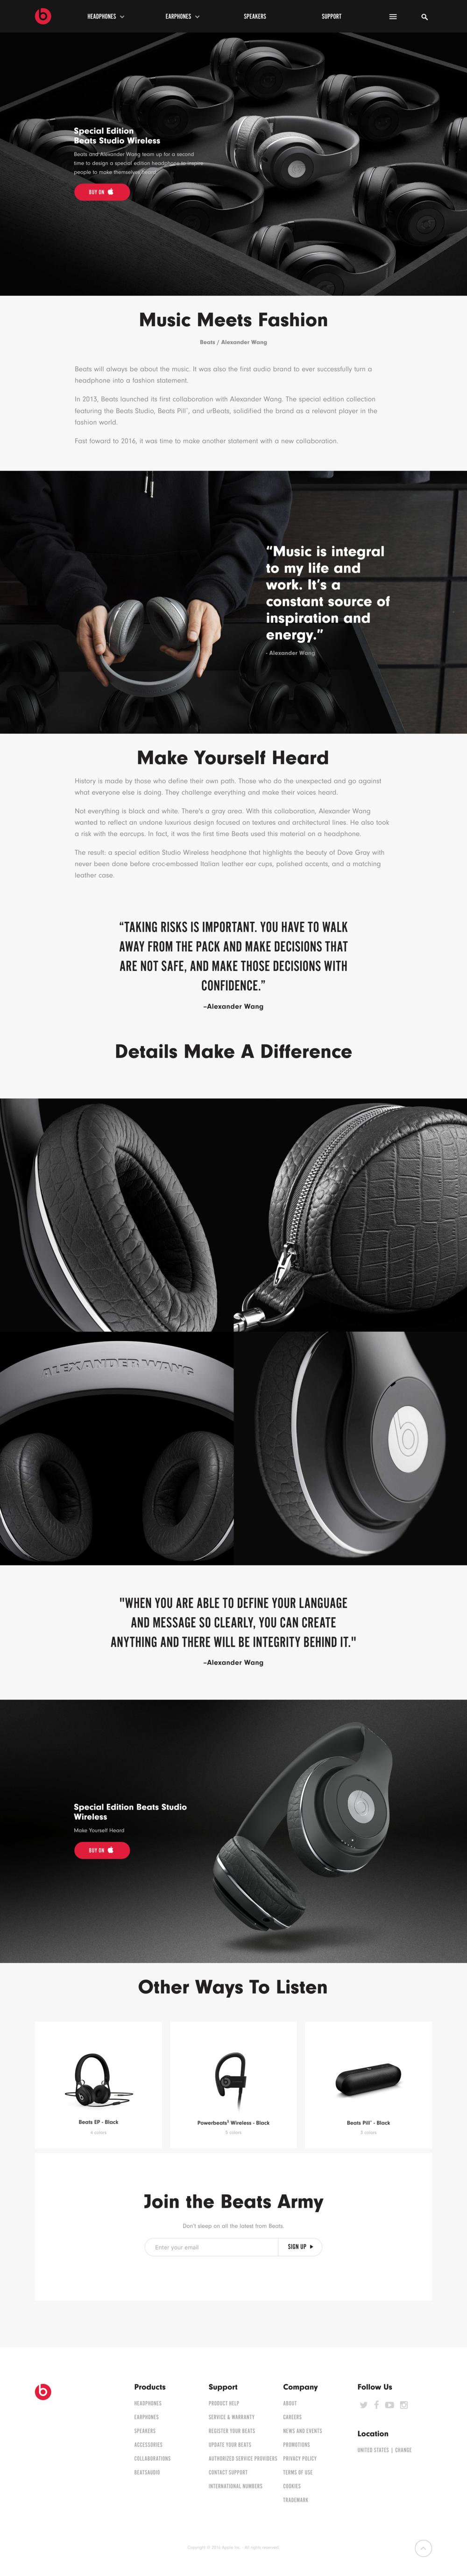 https://www.beatsbydre.com/collections/alexander-wang